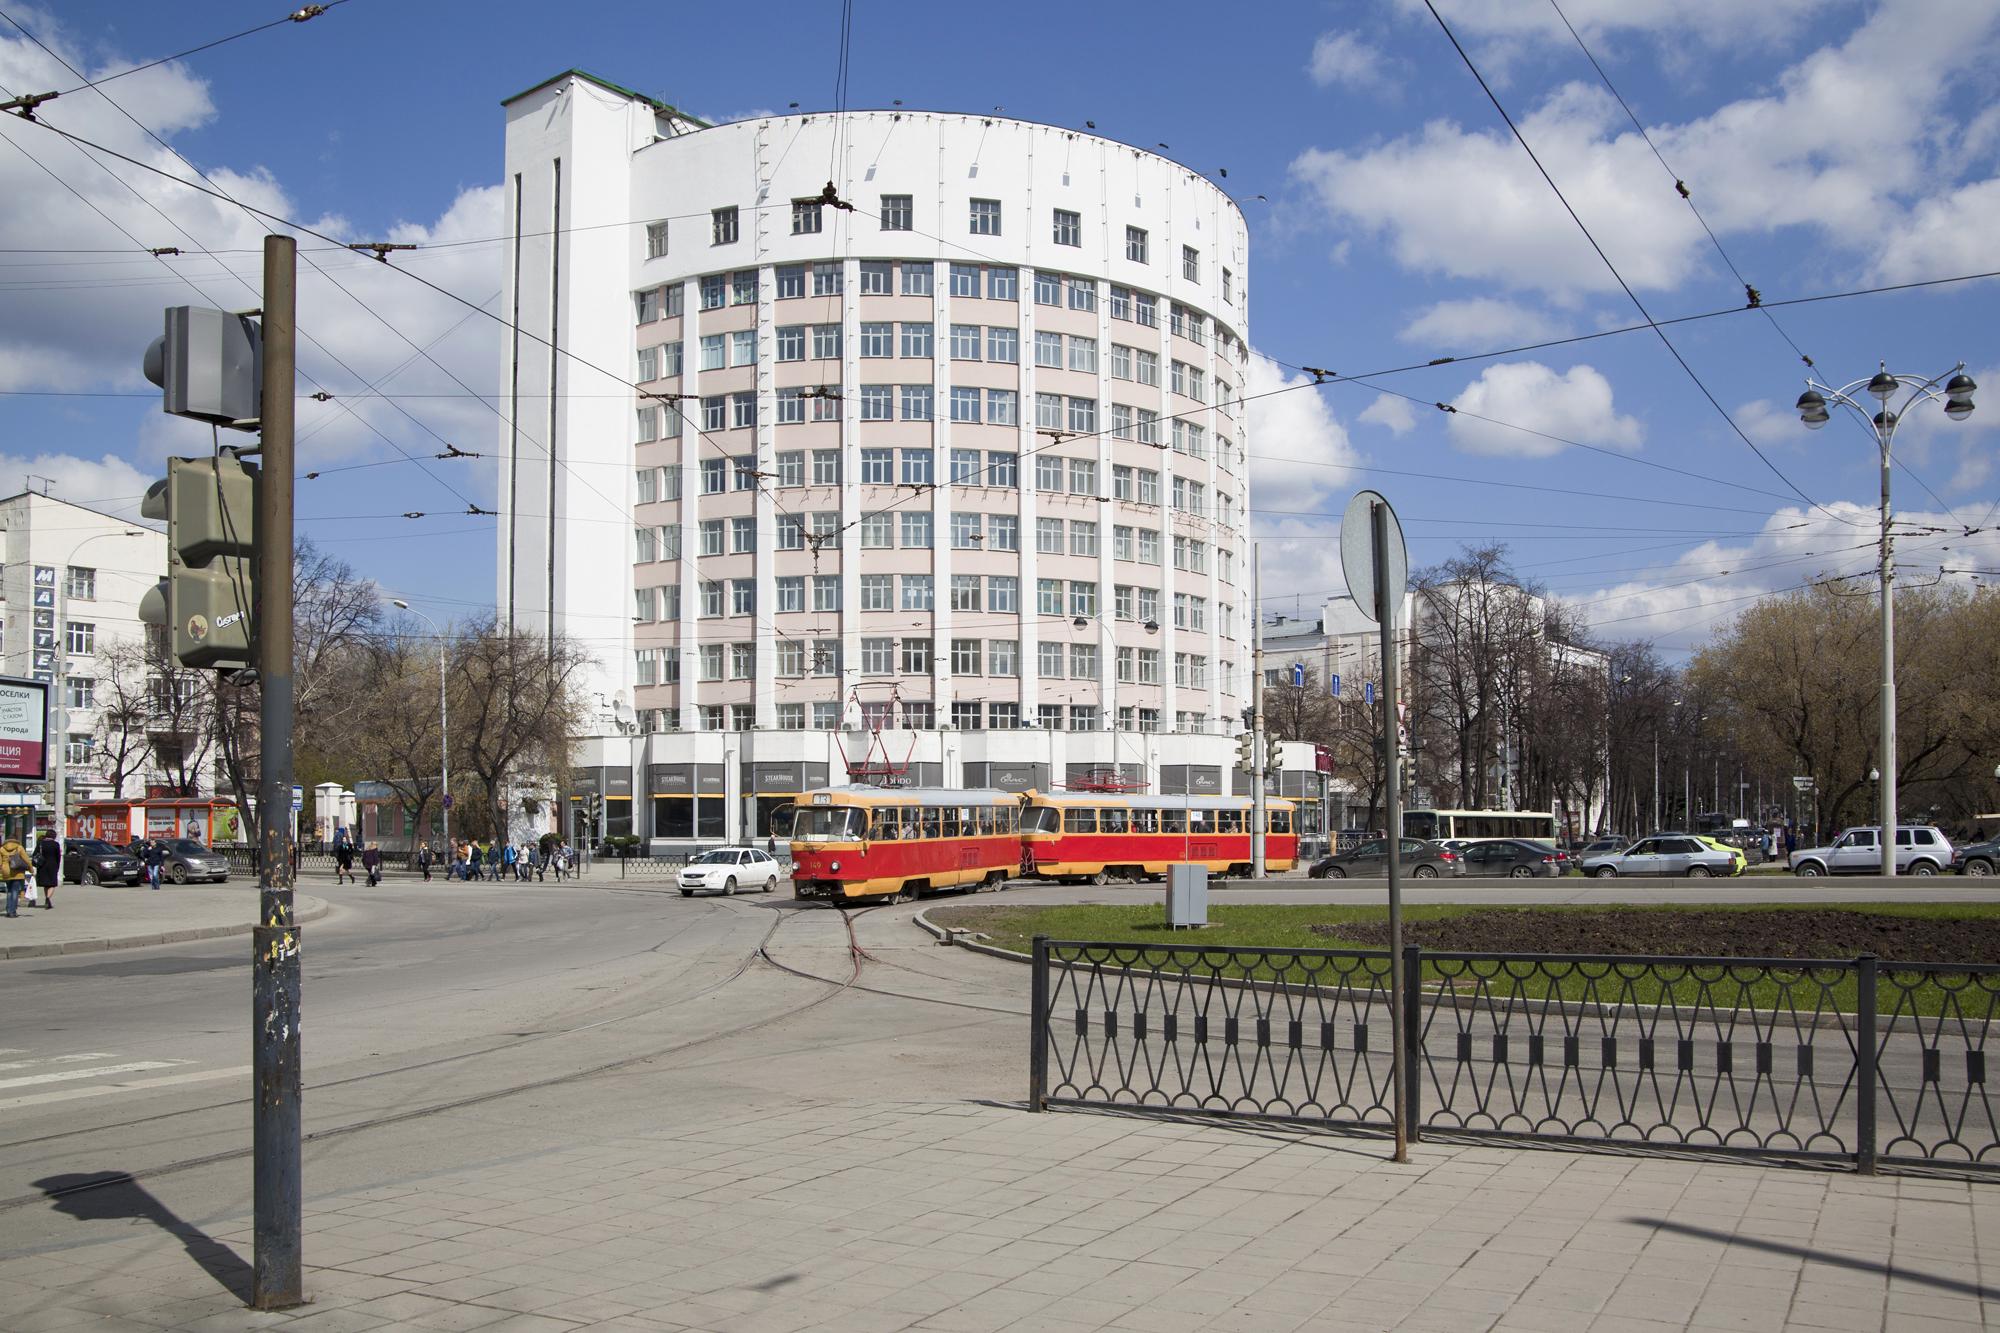 Residential complex Dream, Ekaterinburg: description, reviews